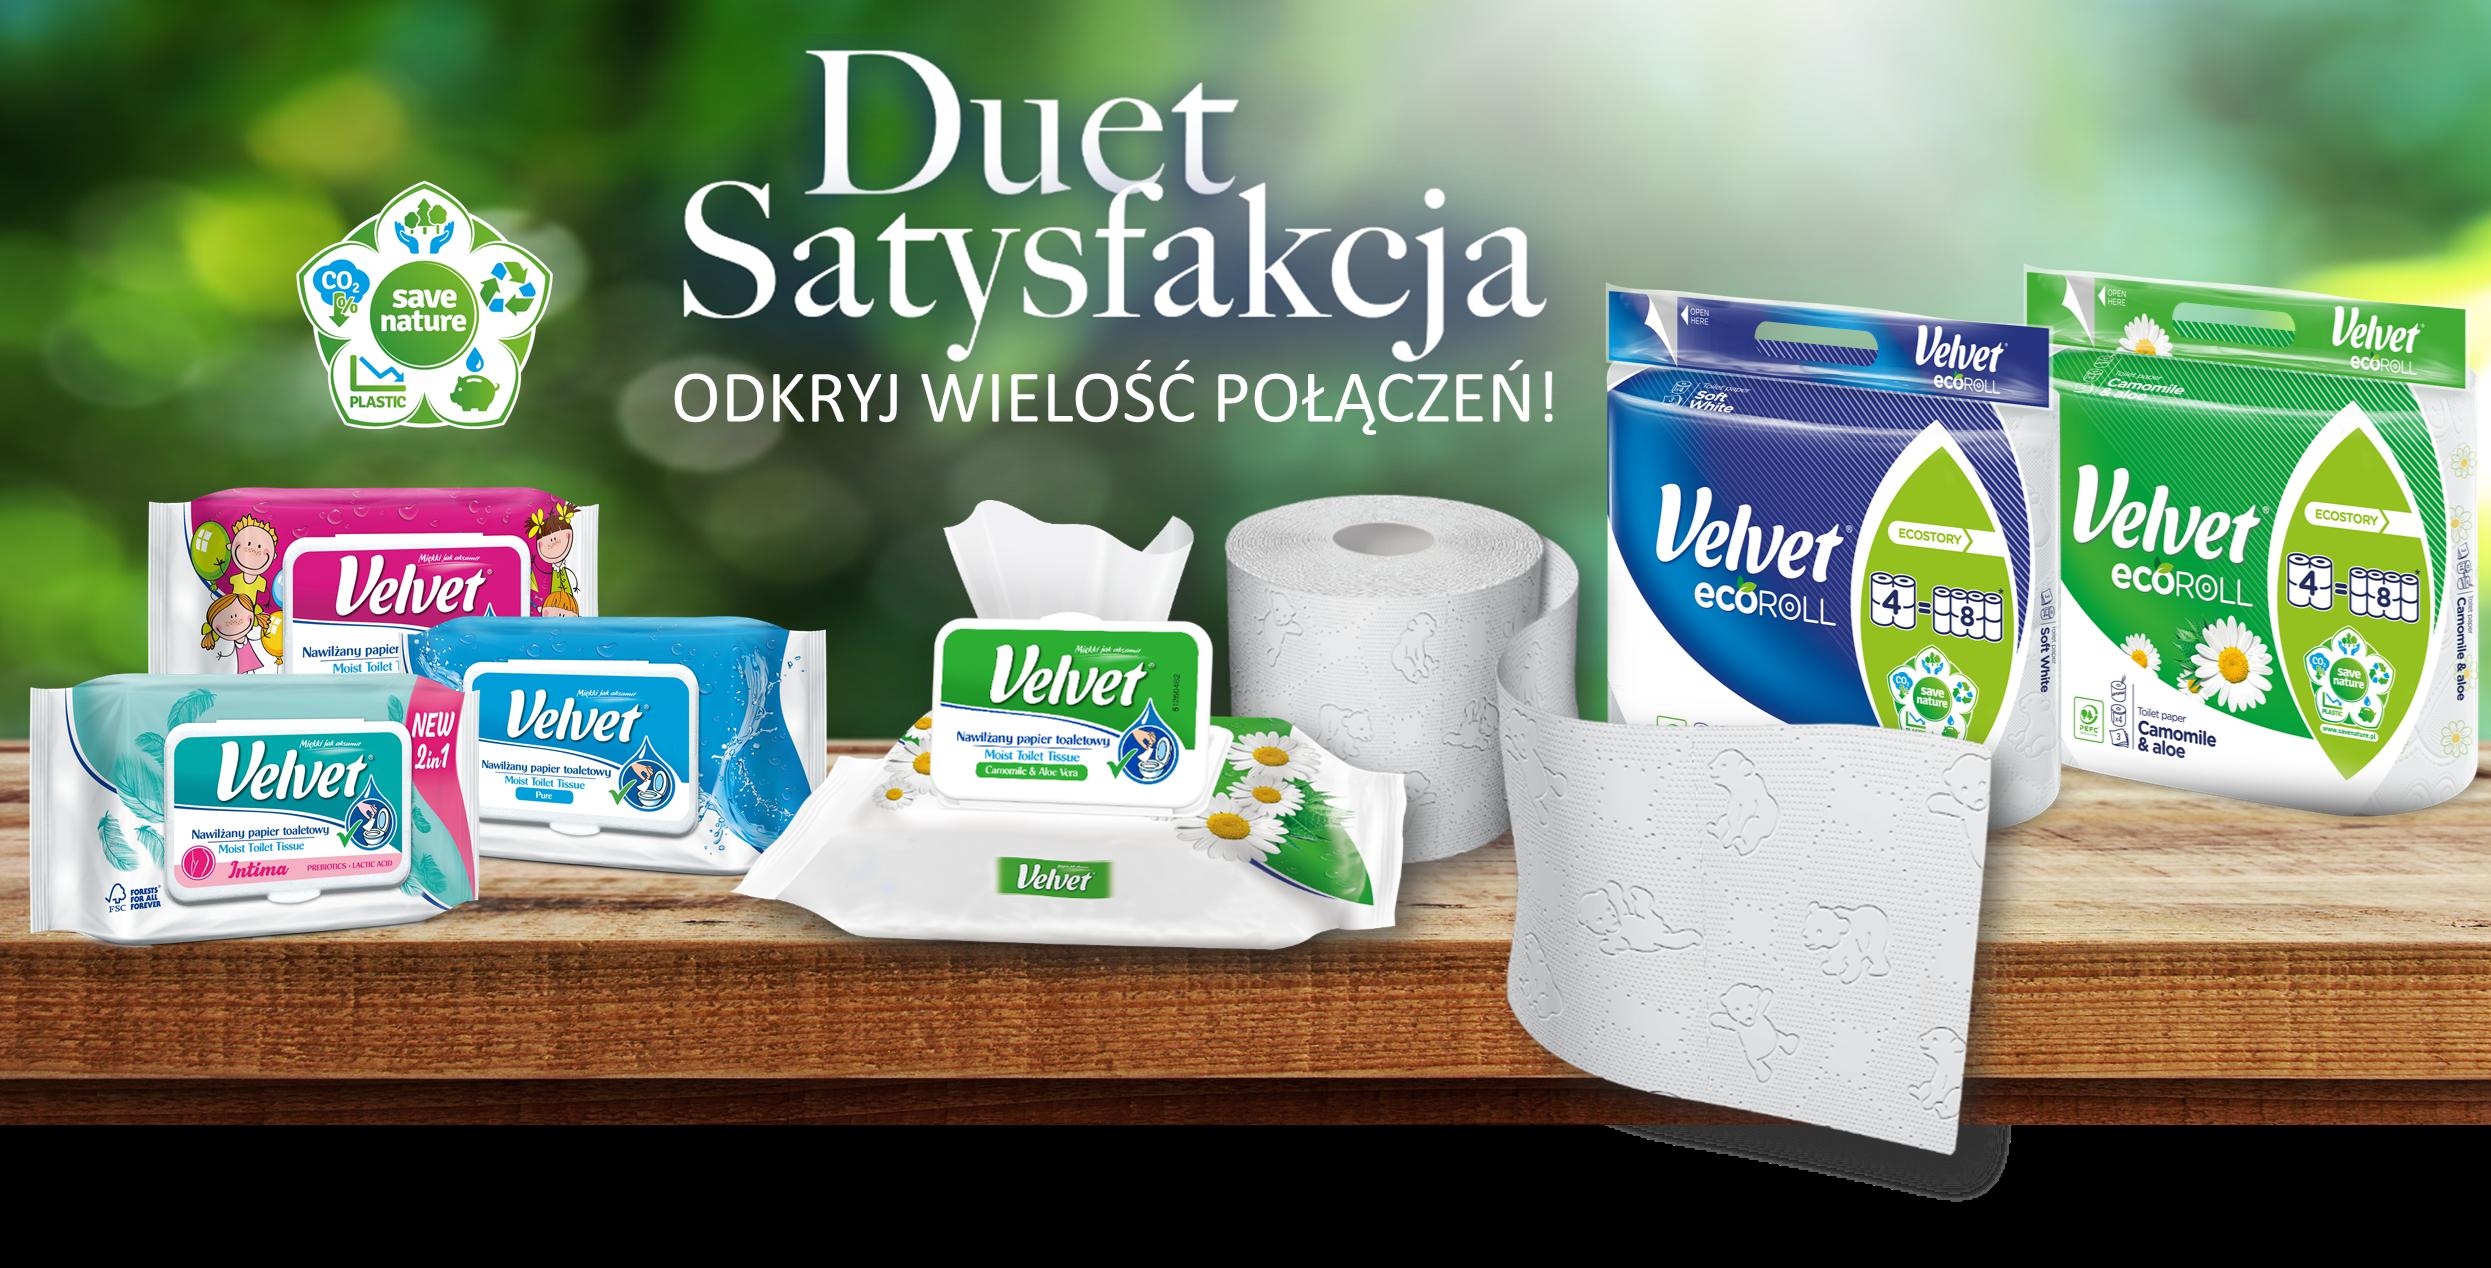 Duet Satysfakcja – odkryj wielość połączeń – produkty Velvet